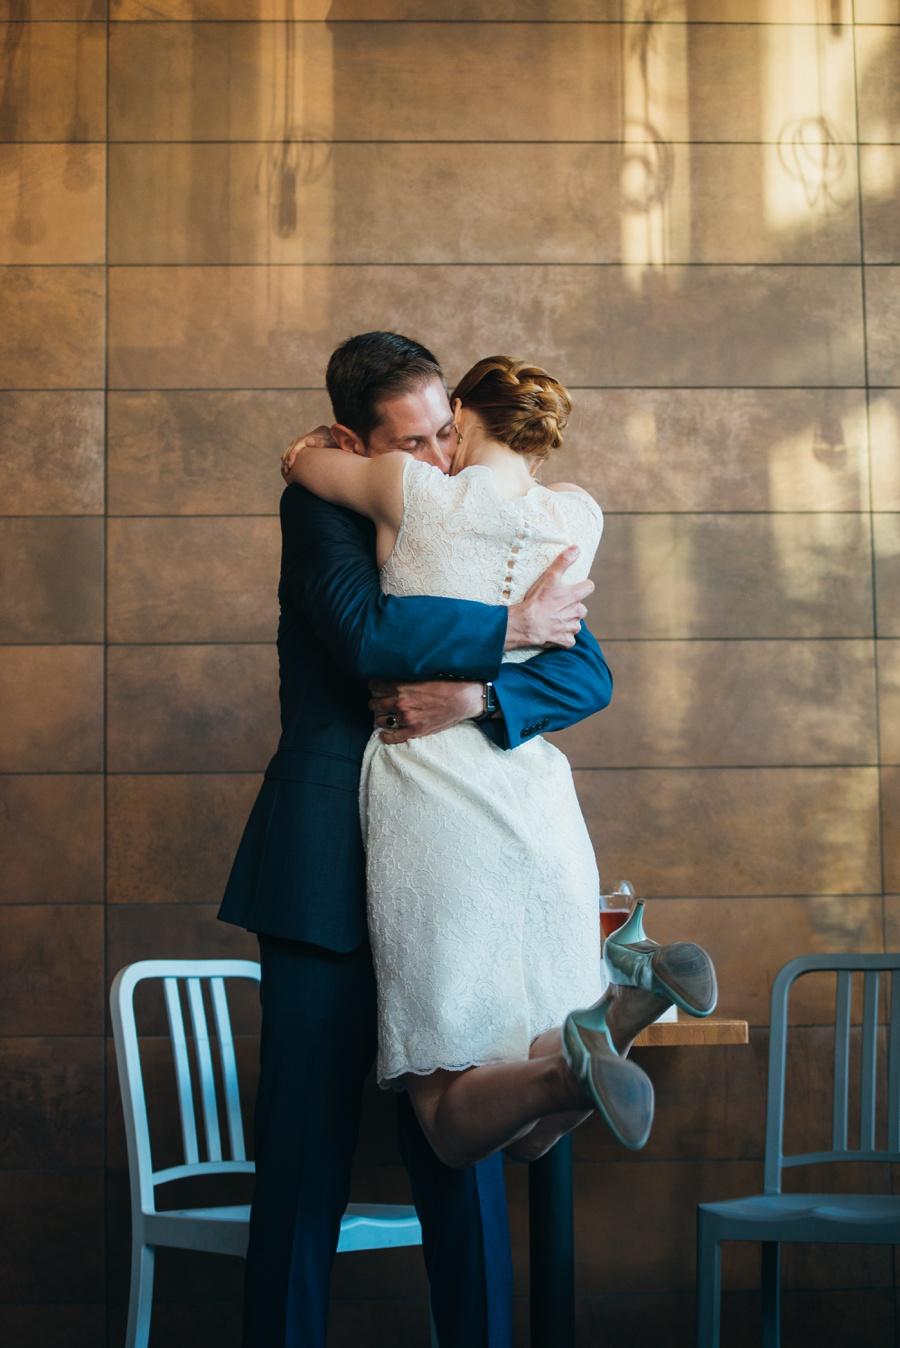 030-Gather-Boston-elopement-CJ.jpg